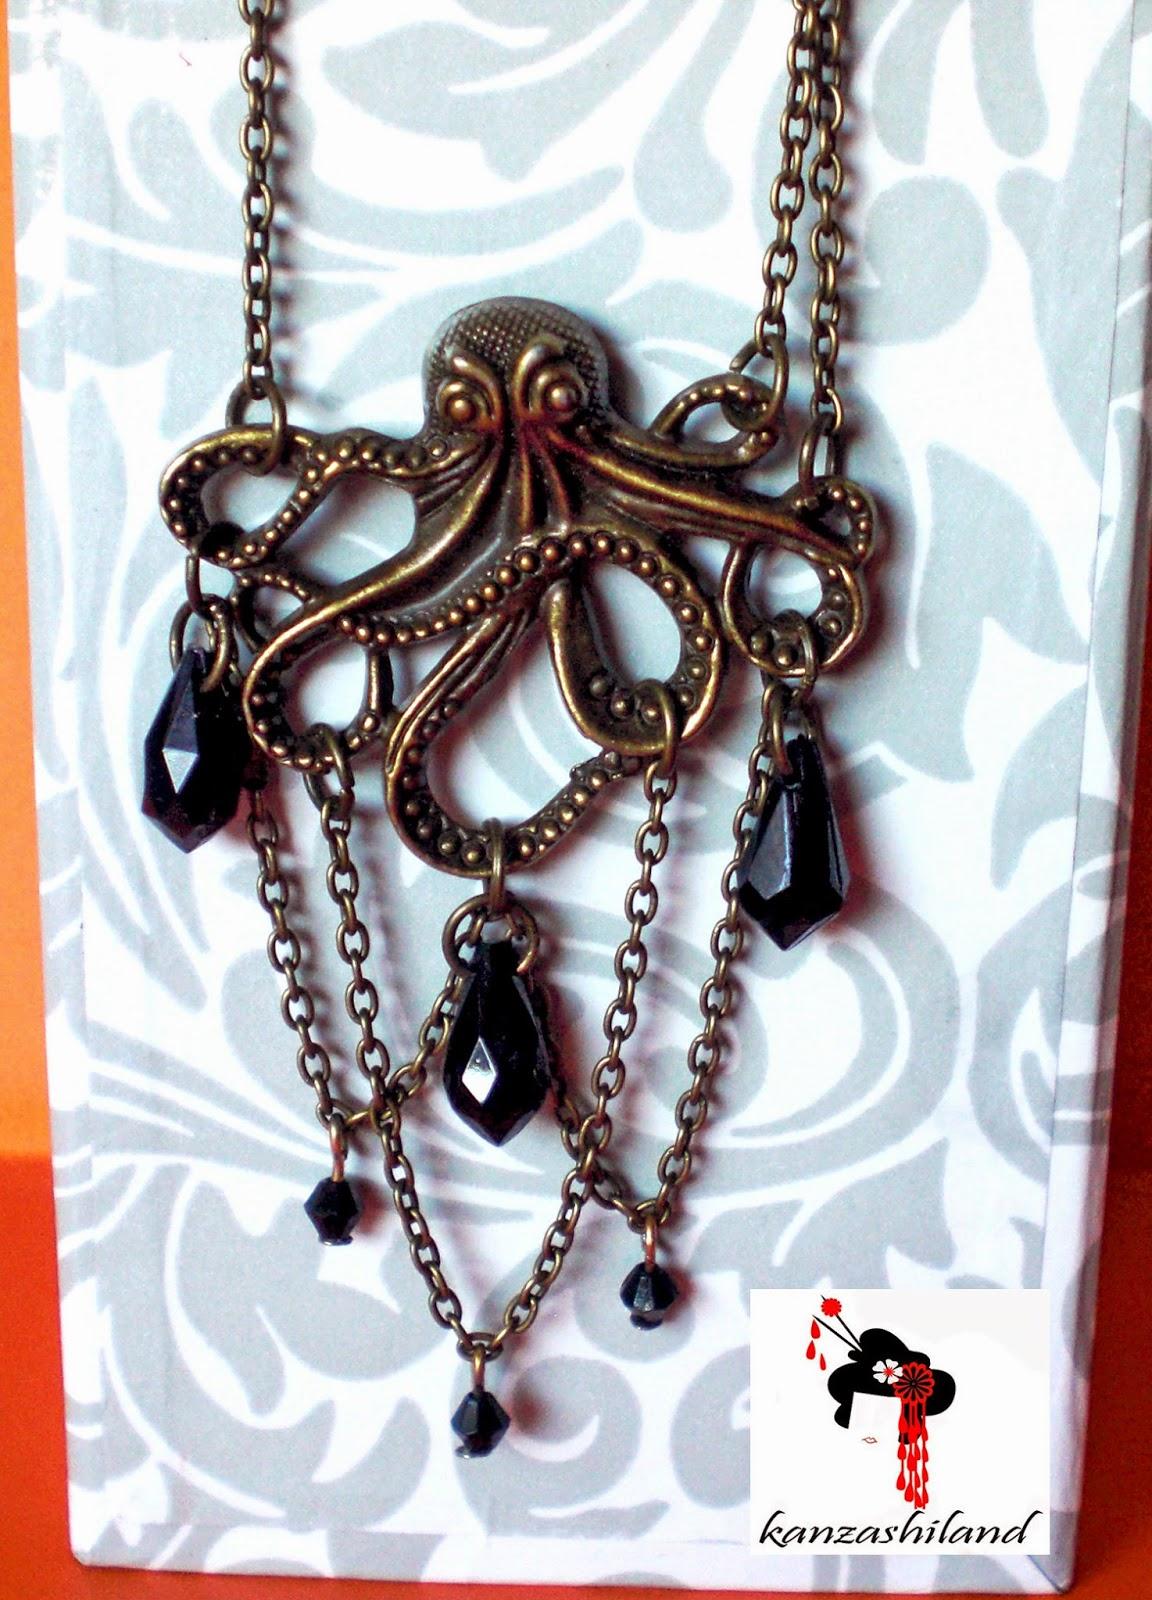 Cthutlhu pendant by kanzashiland